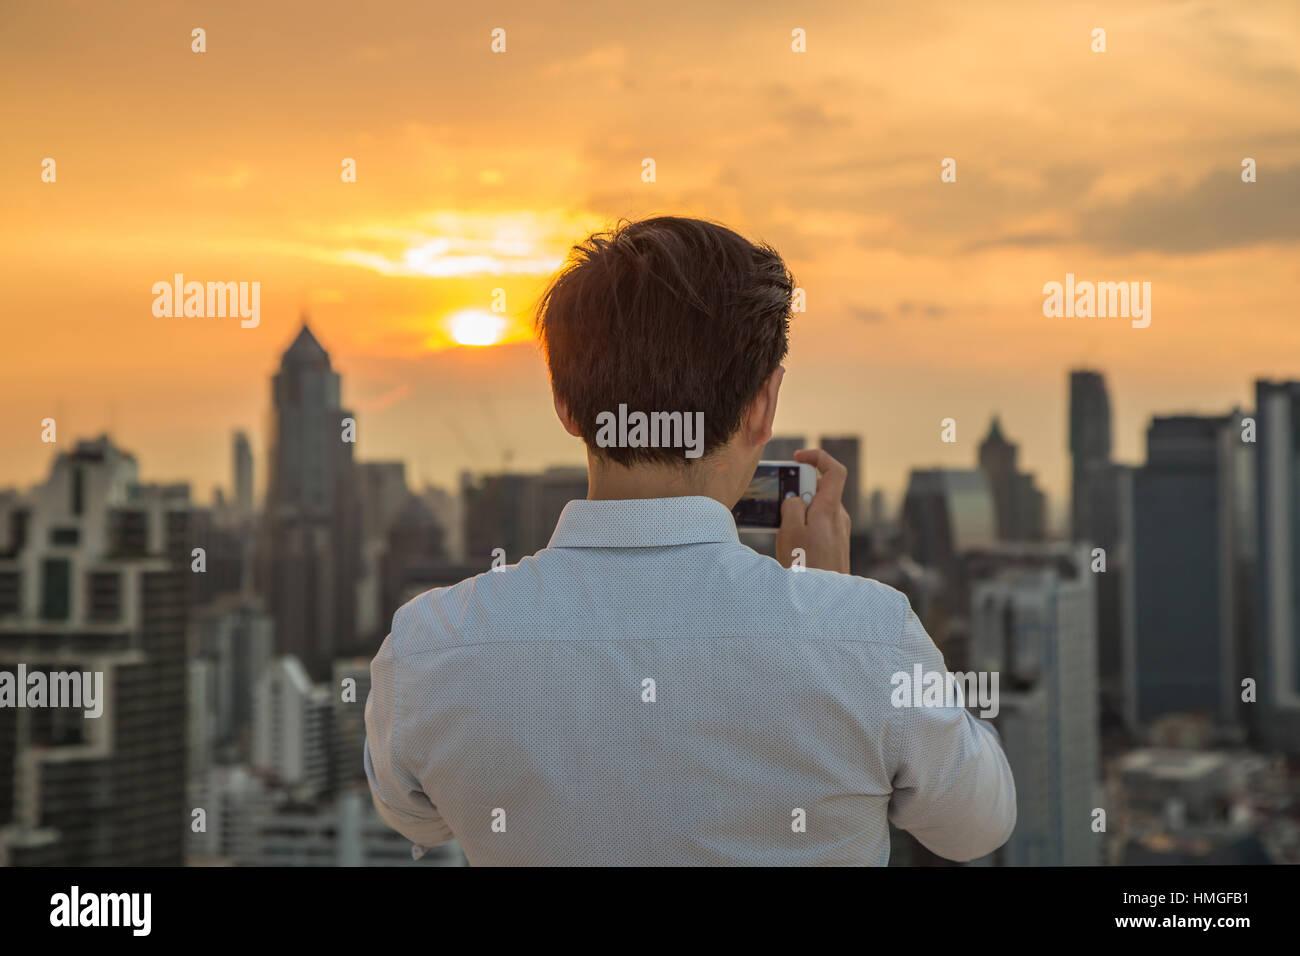 Uomo di scattare una foto della città di Johannesburg, paesaggio e vista al tramonto con lo smartphone. Immagini Stock